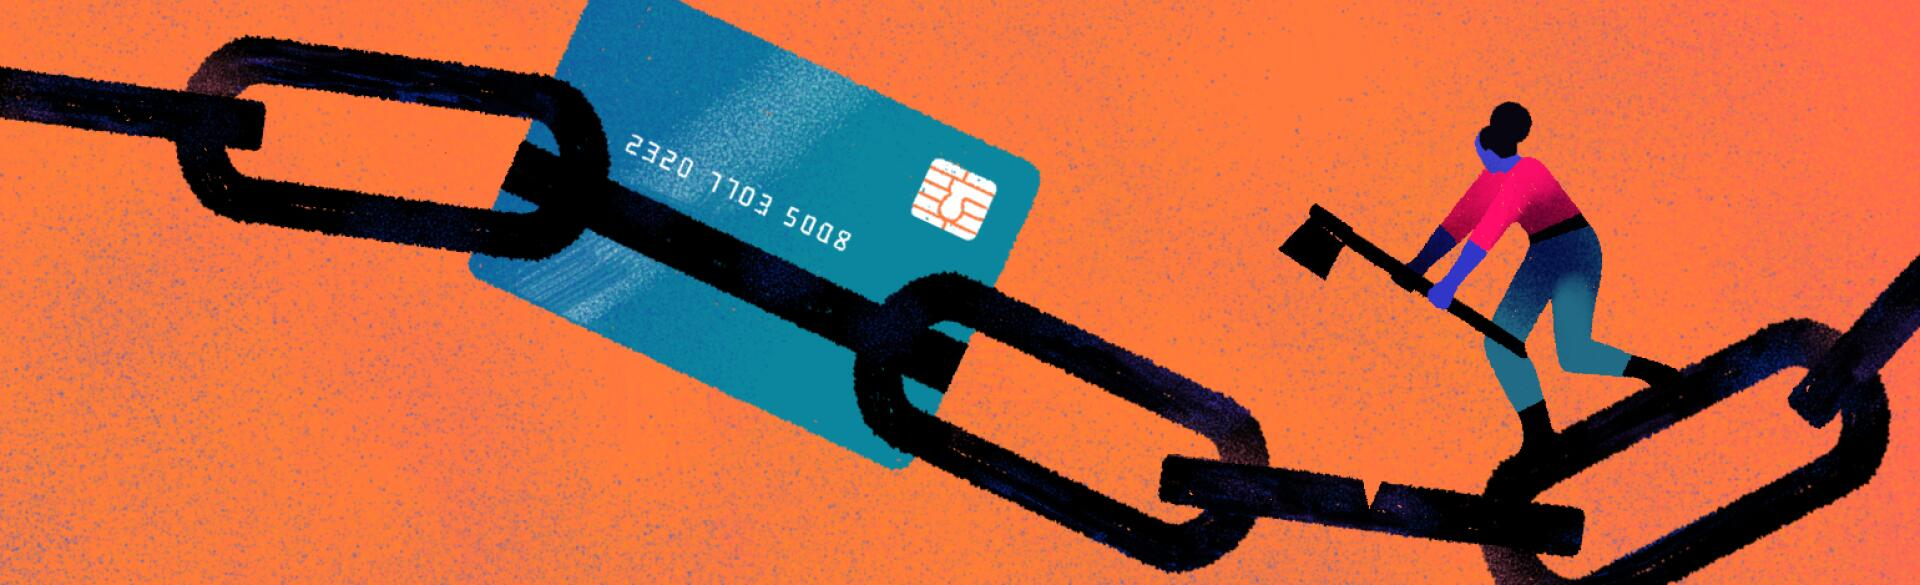 illustration of lady cutting off credit card debt by chiara ghigliazza